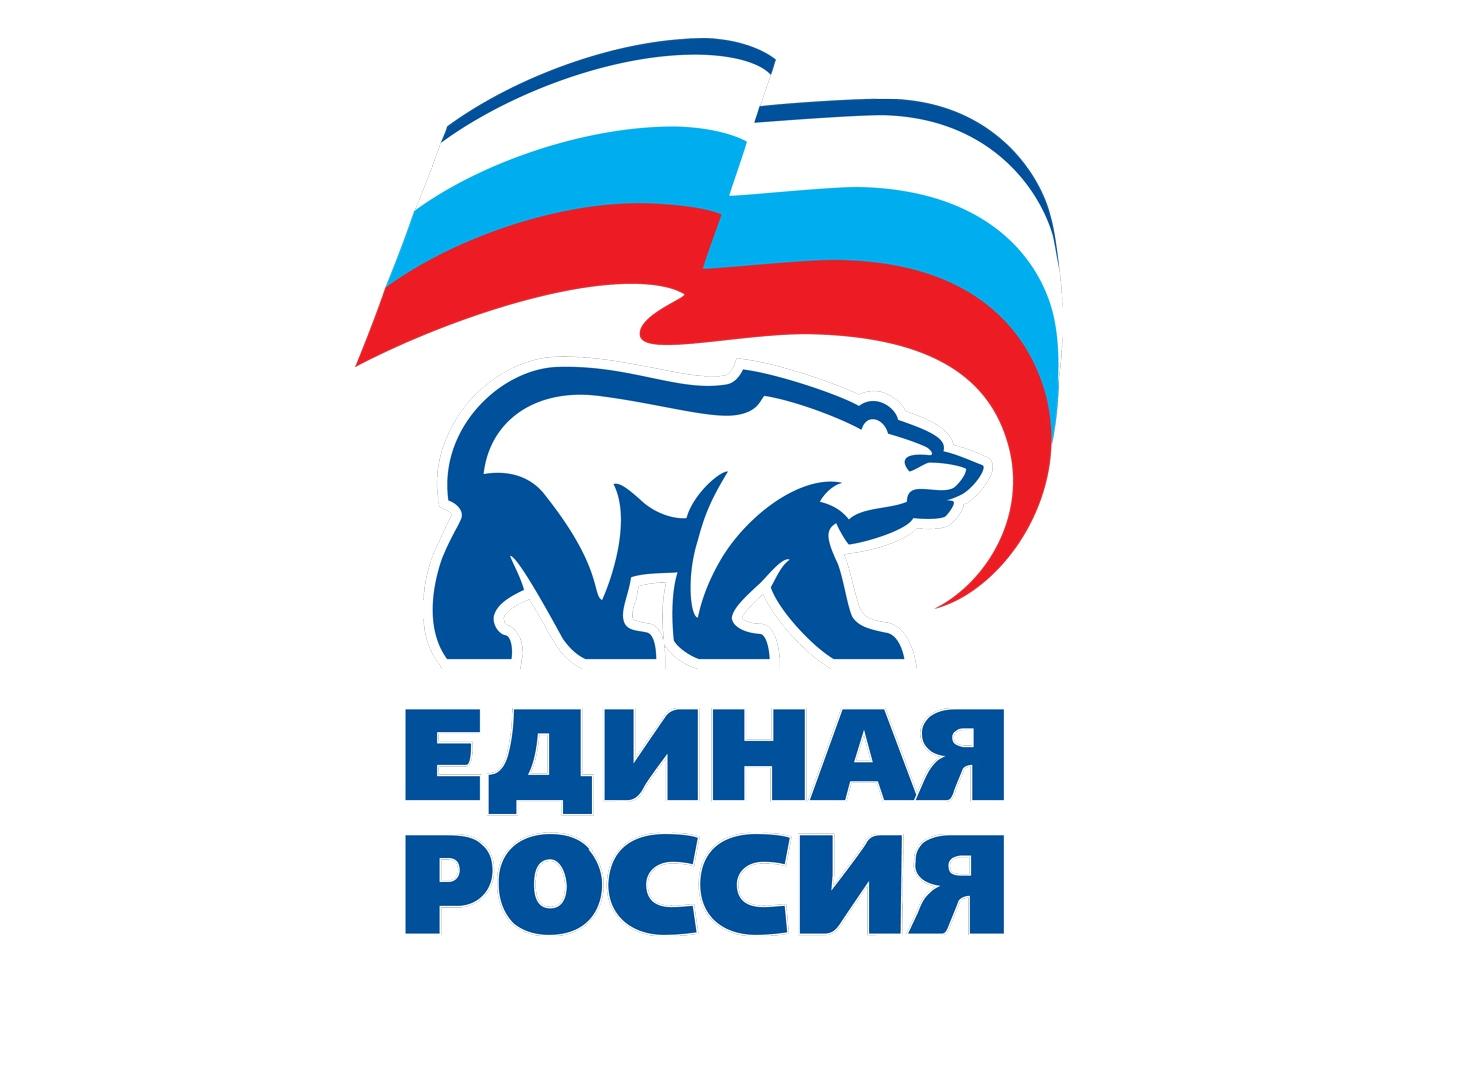 эмблема единой россии потрясающие виды